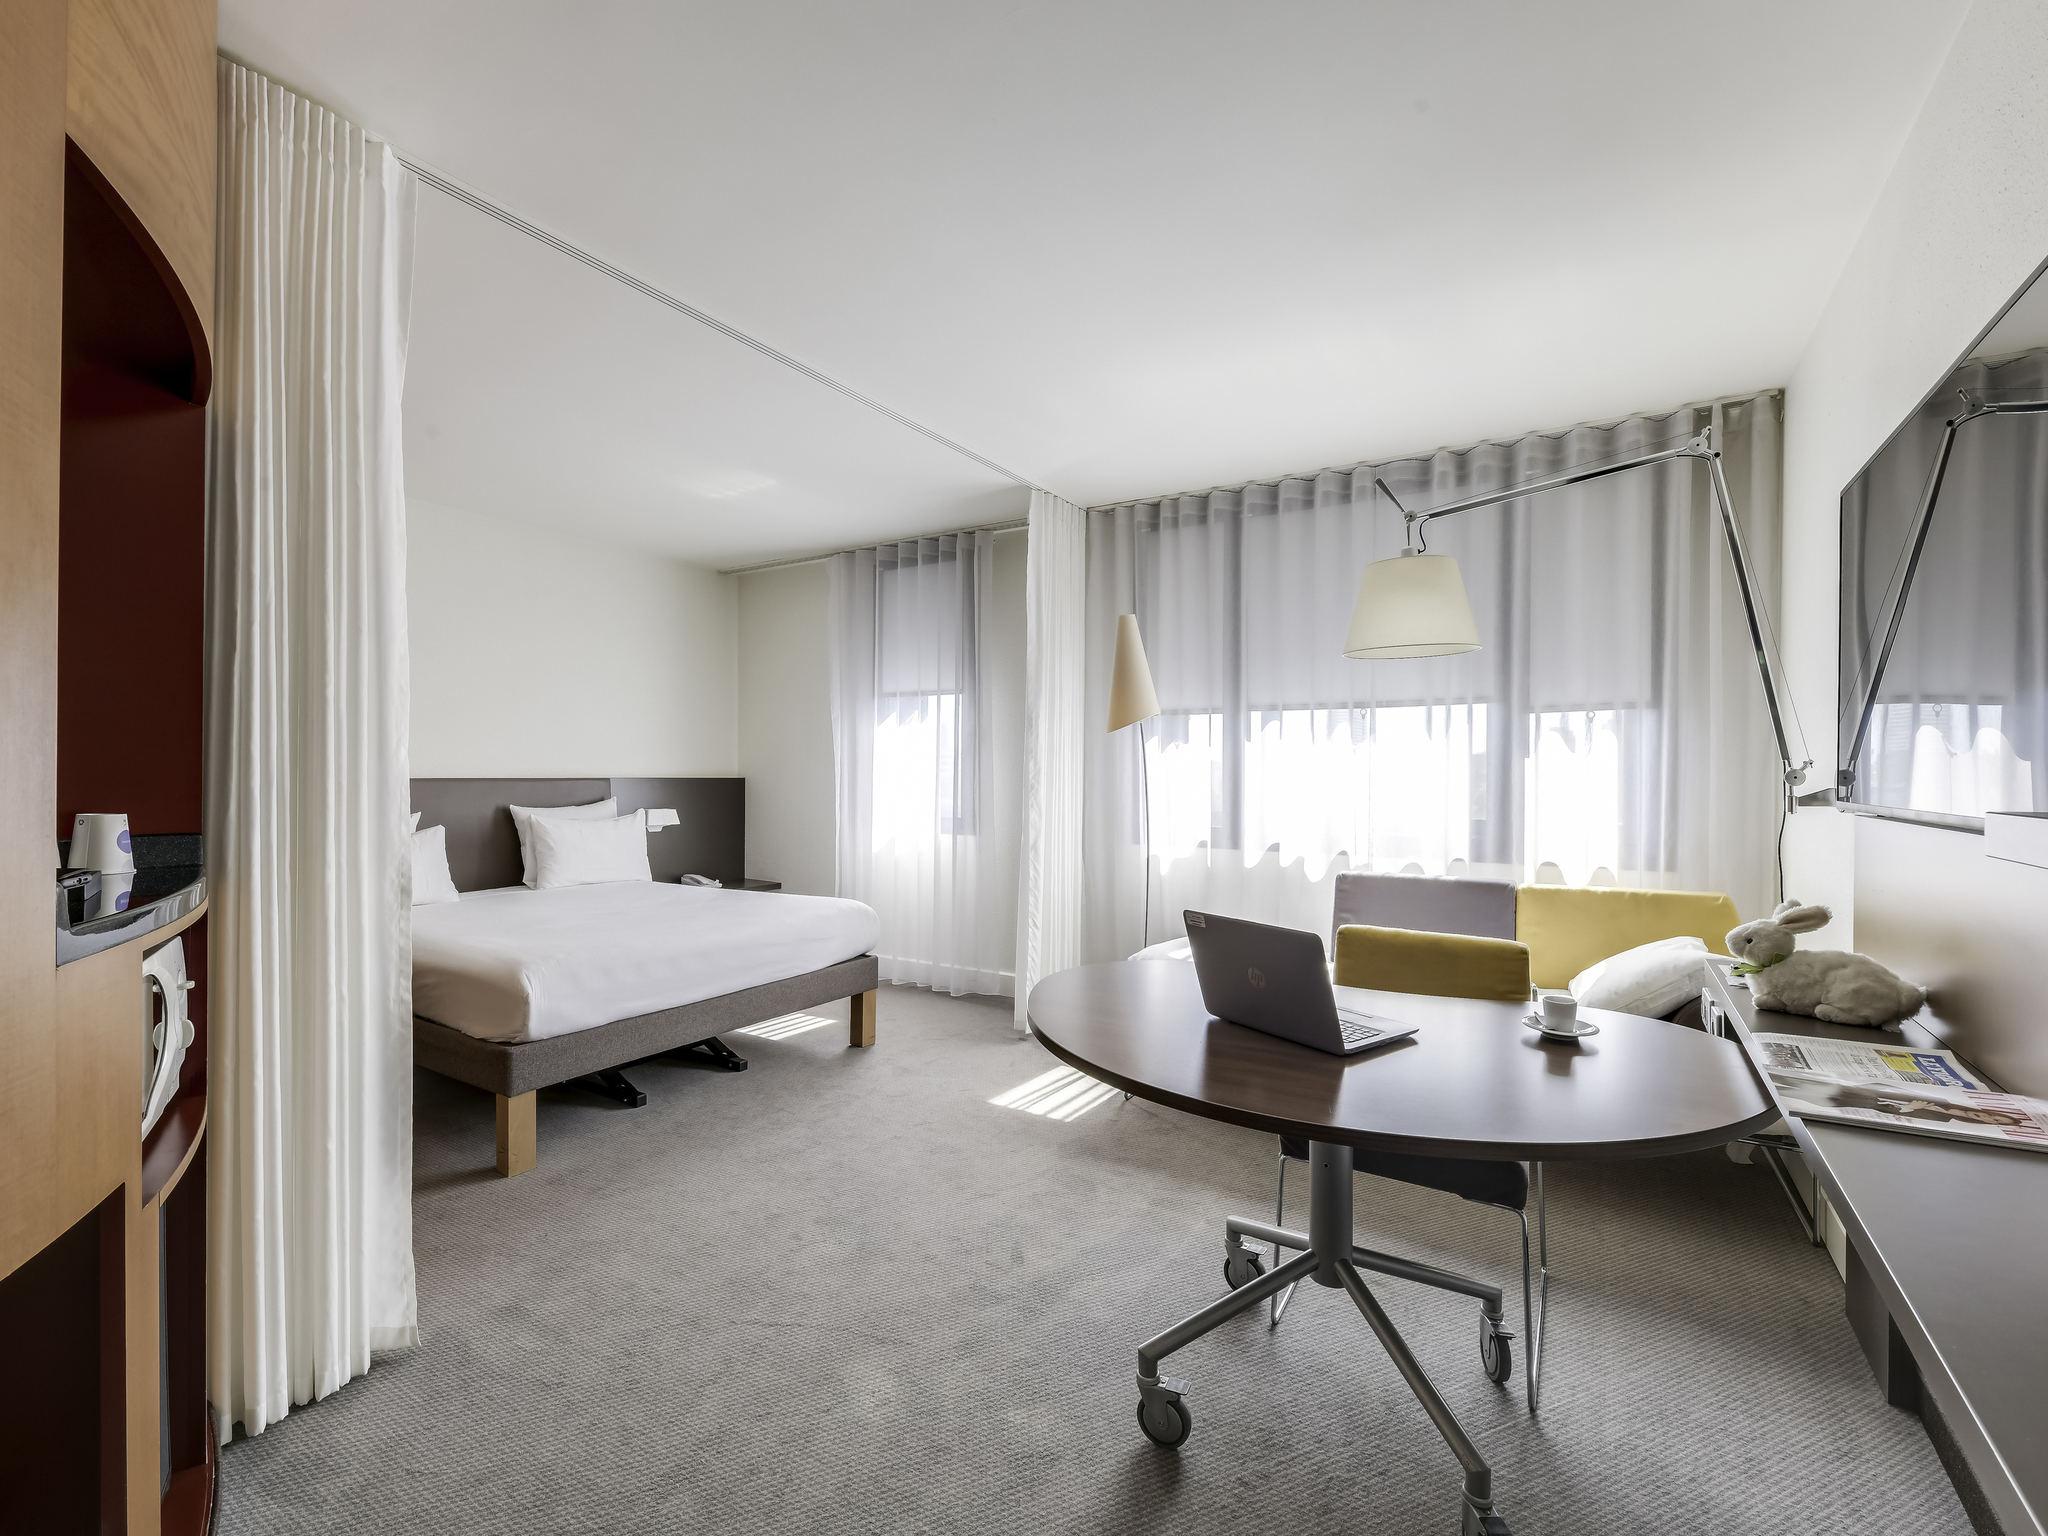 酒店 – 巴黎拉夏贝尔门诺富特套房酒店